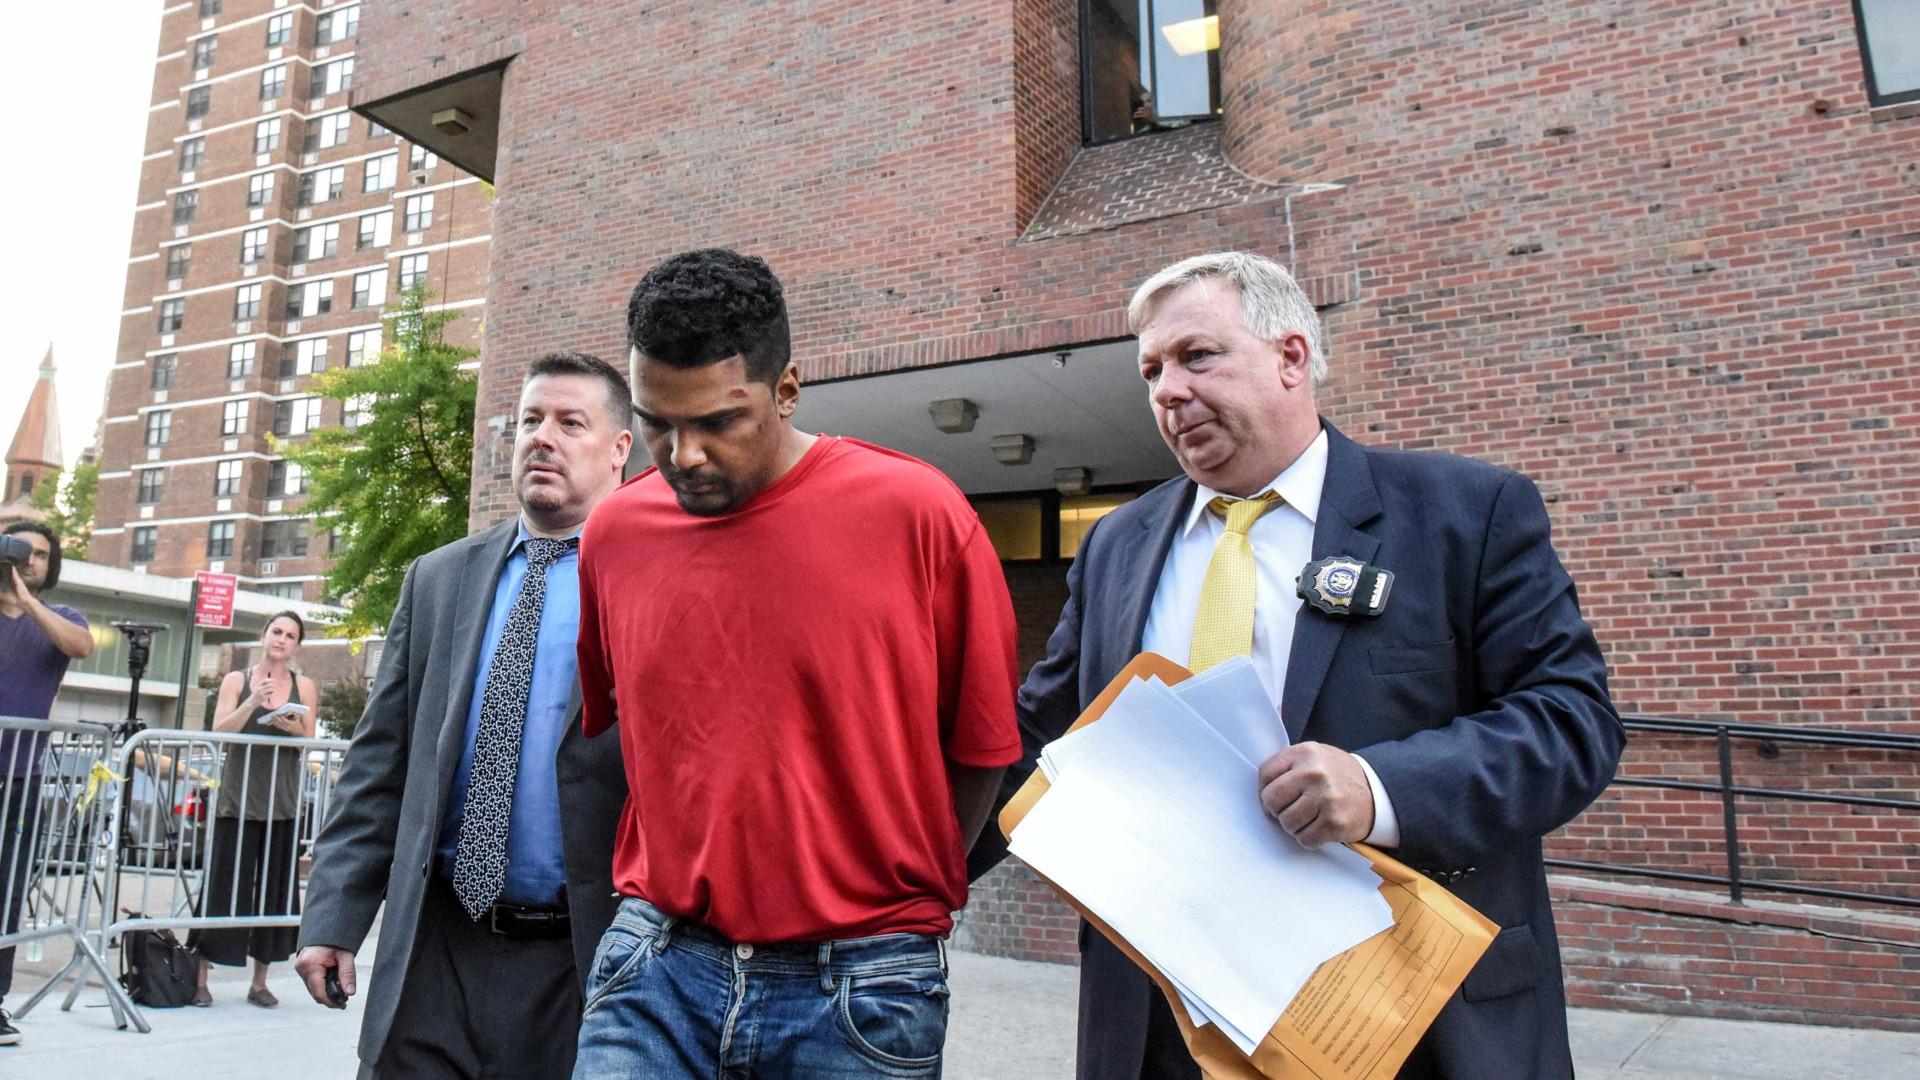 Condutor que atropelou pessoas em Times Square acusado de homicídio